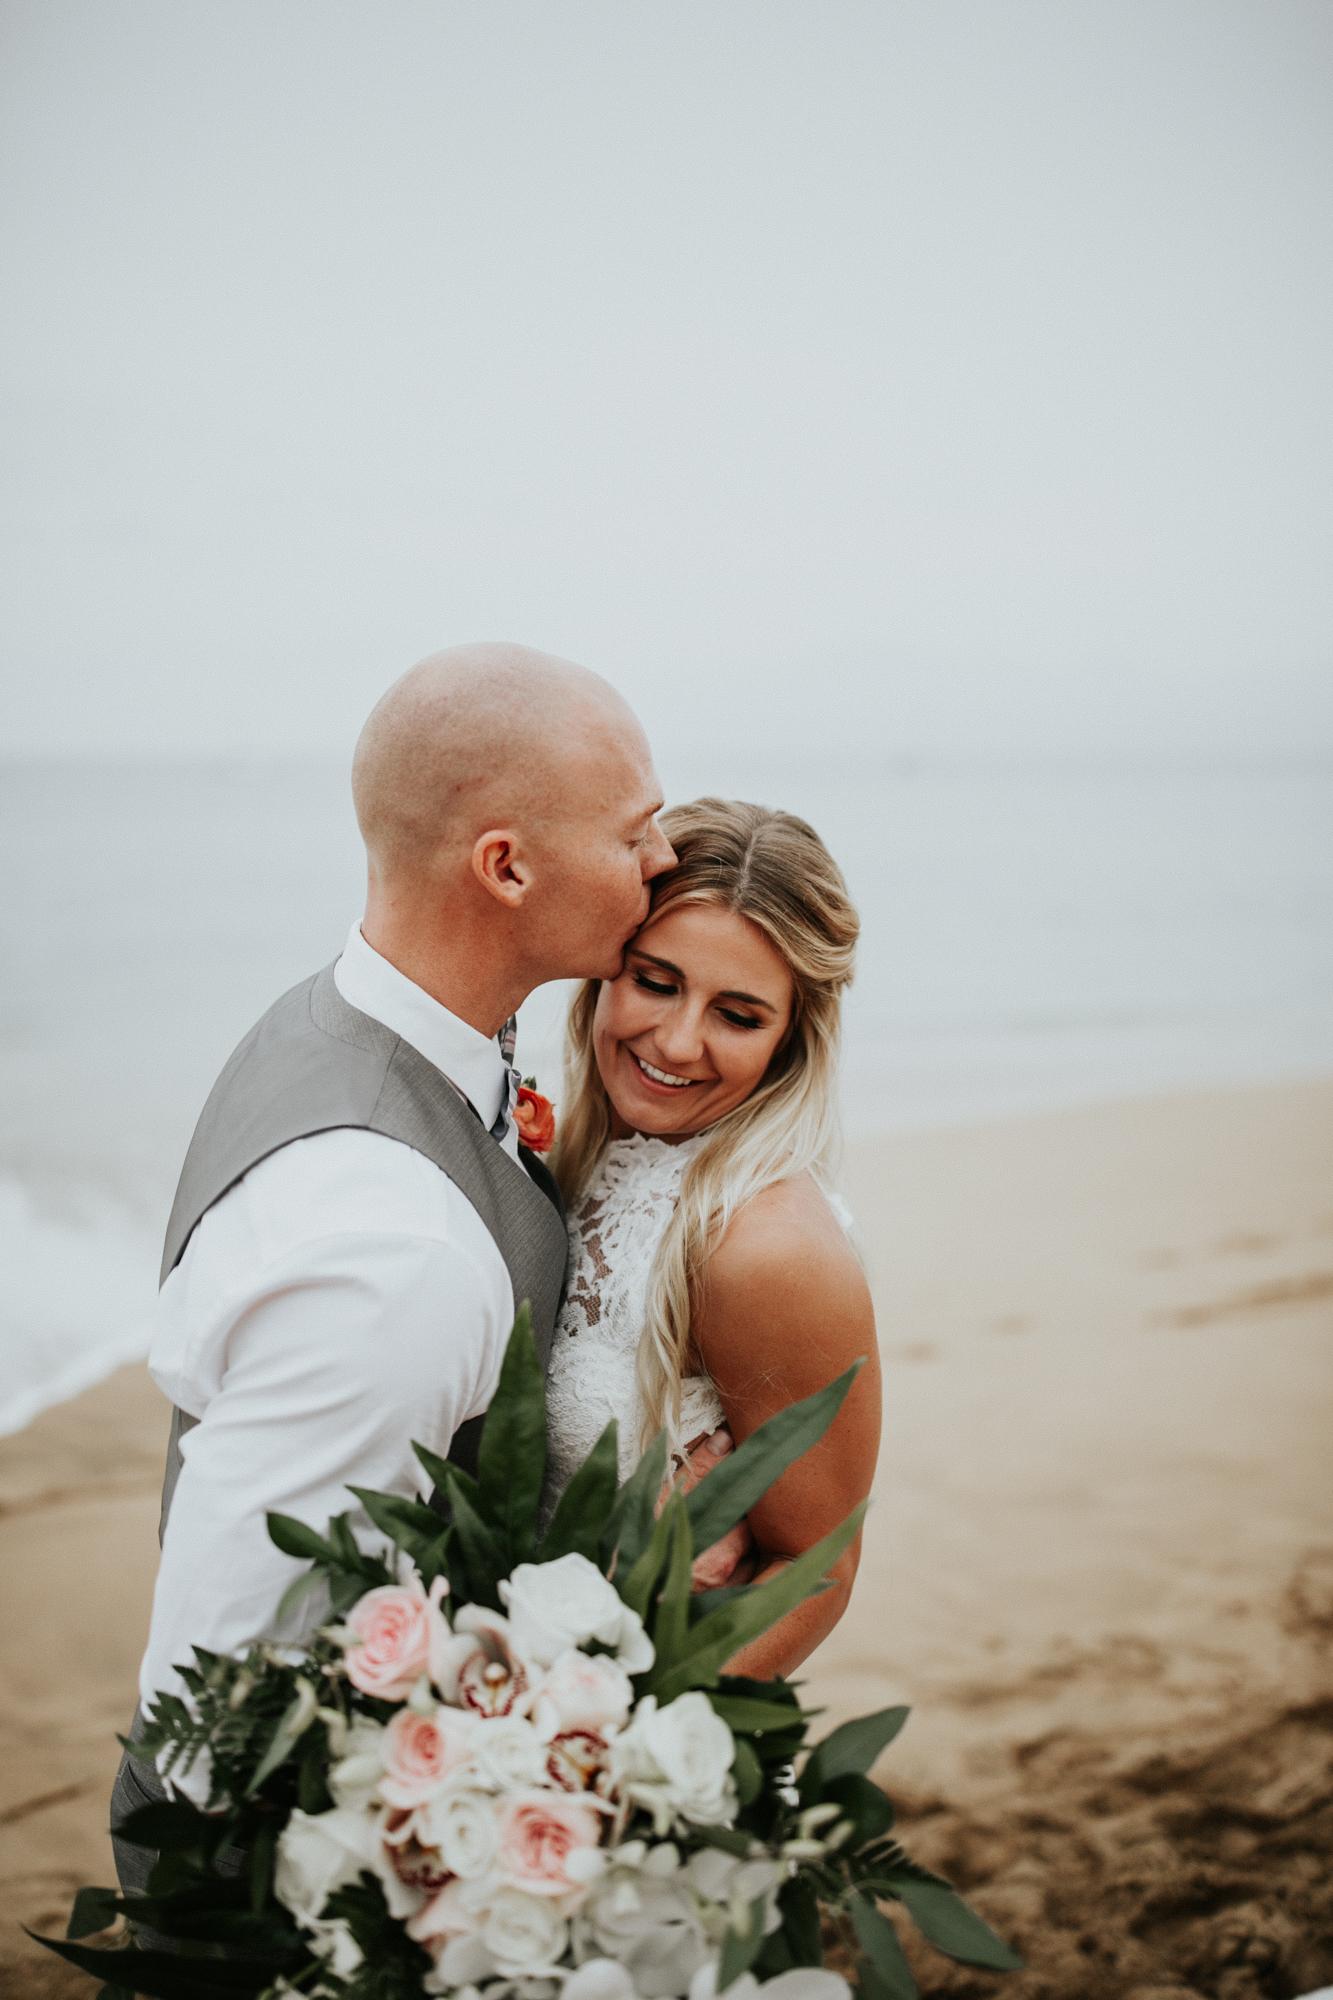 destination-wedding-photographer-hawaii-maui-elopement-86.jpg